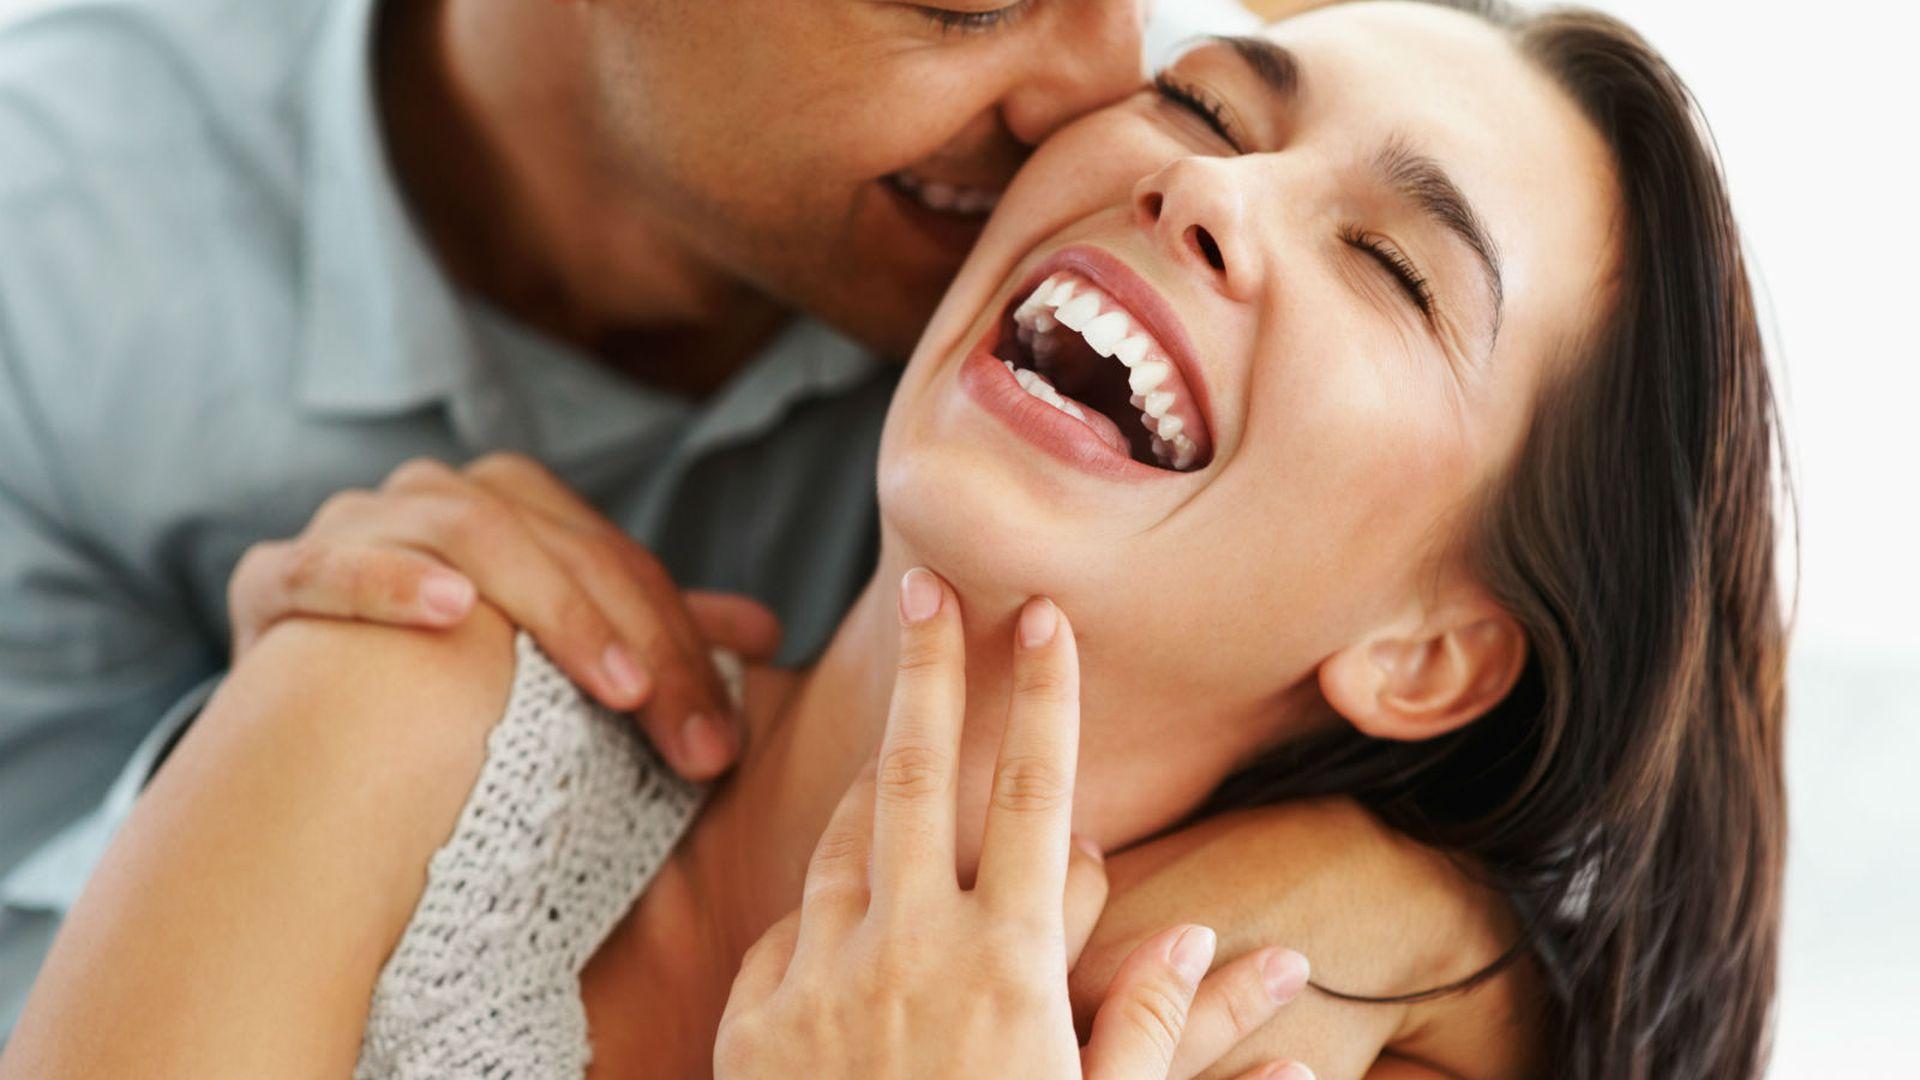 Flertovanje i sve što trebaš znati o flertu s drugom osobom